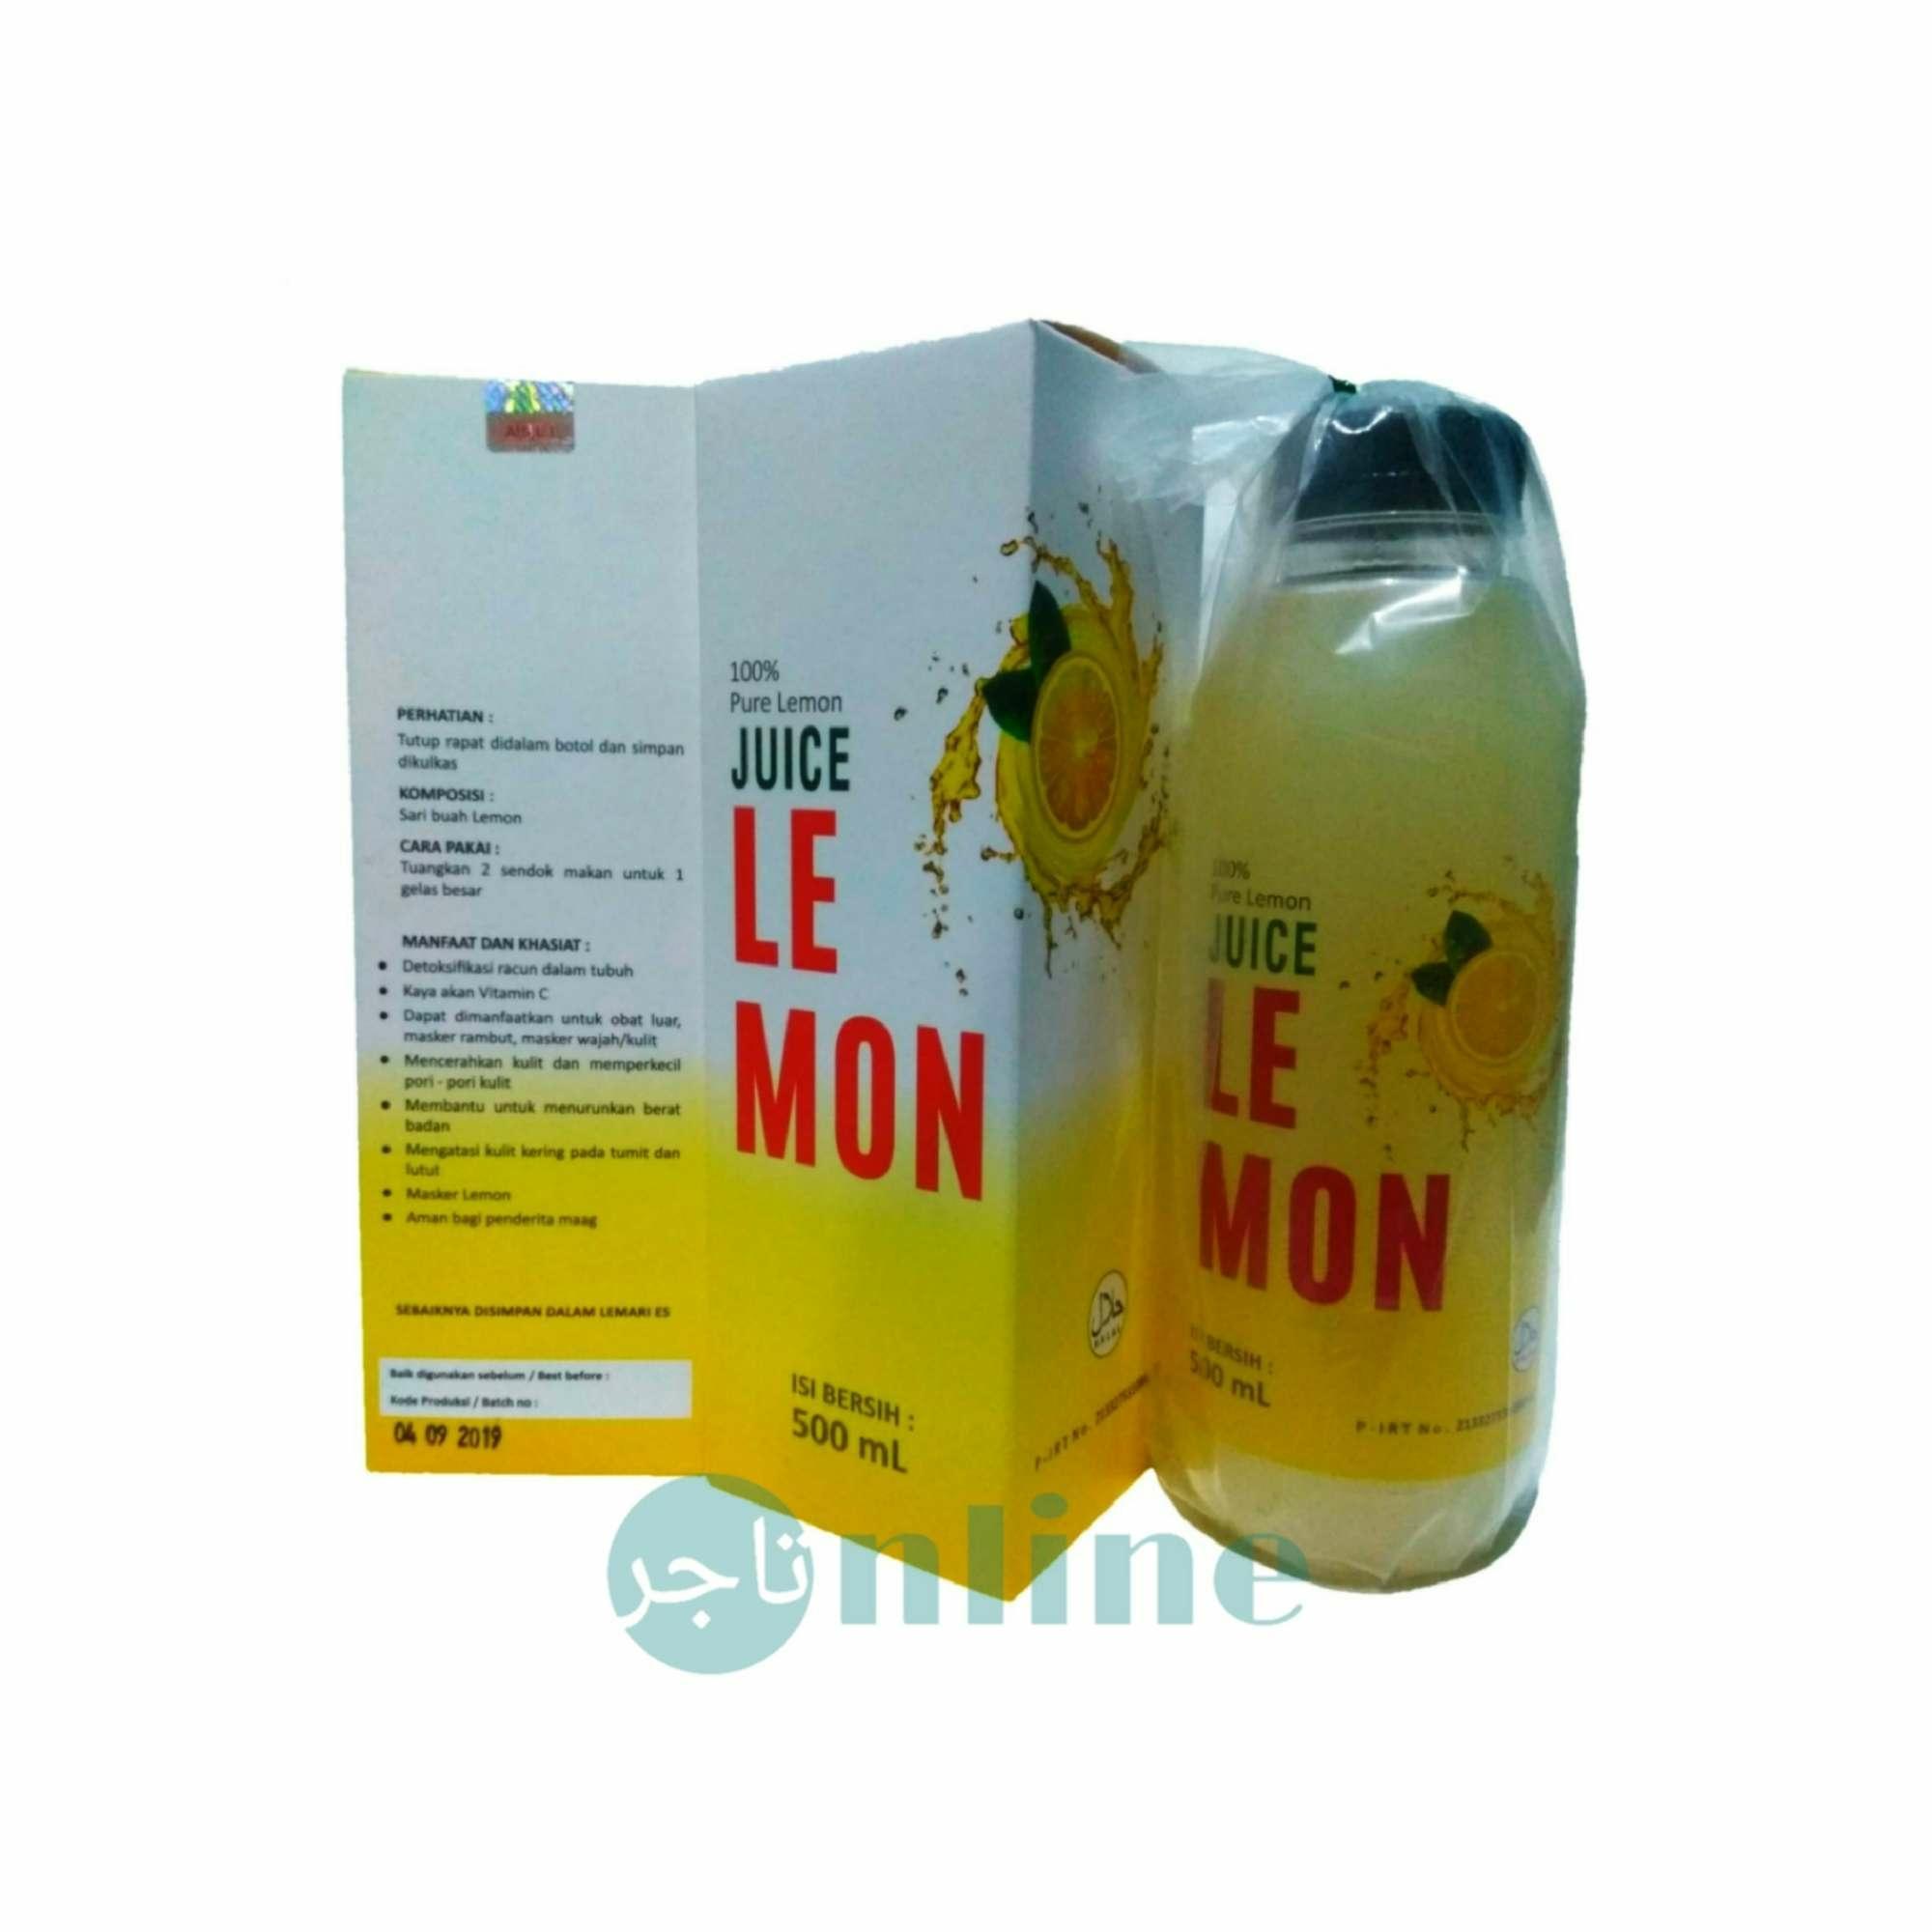 Juice Lemon Sari Lemon Bin Dawood adiknya LEMONA isi 500 ml 100% Original